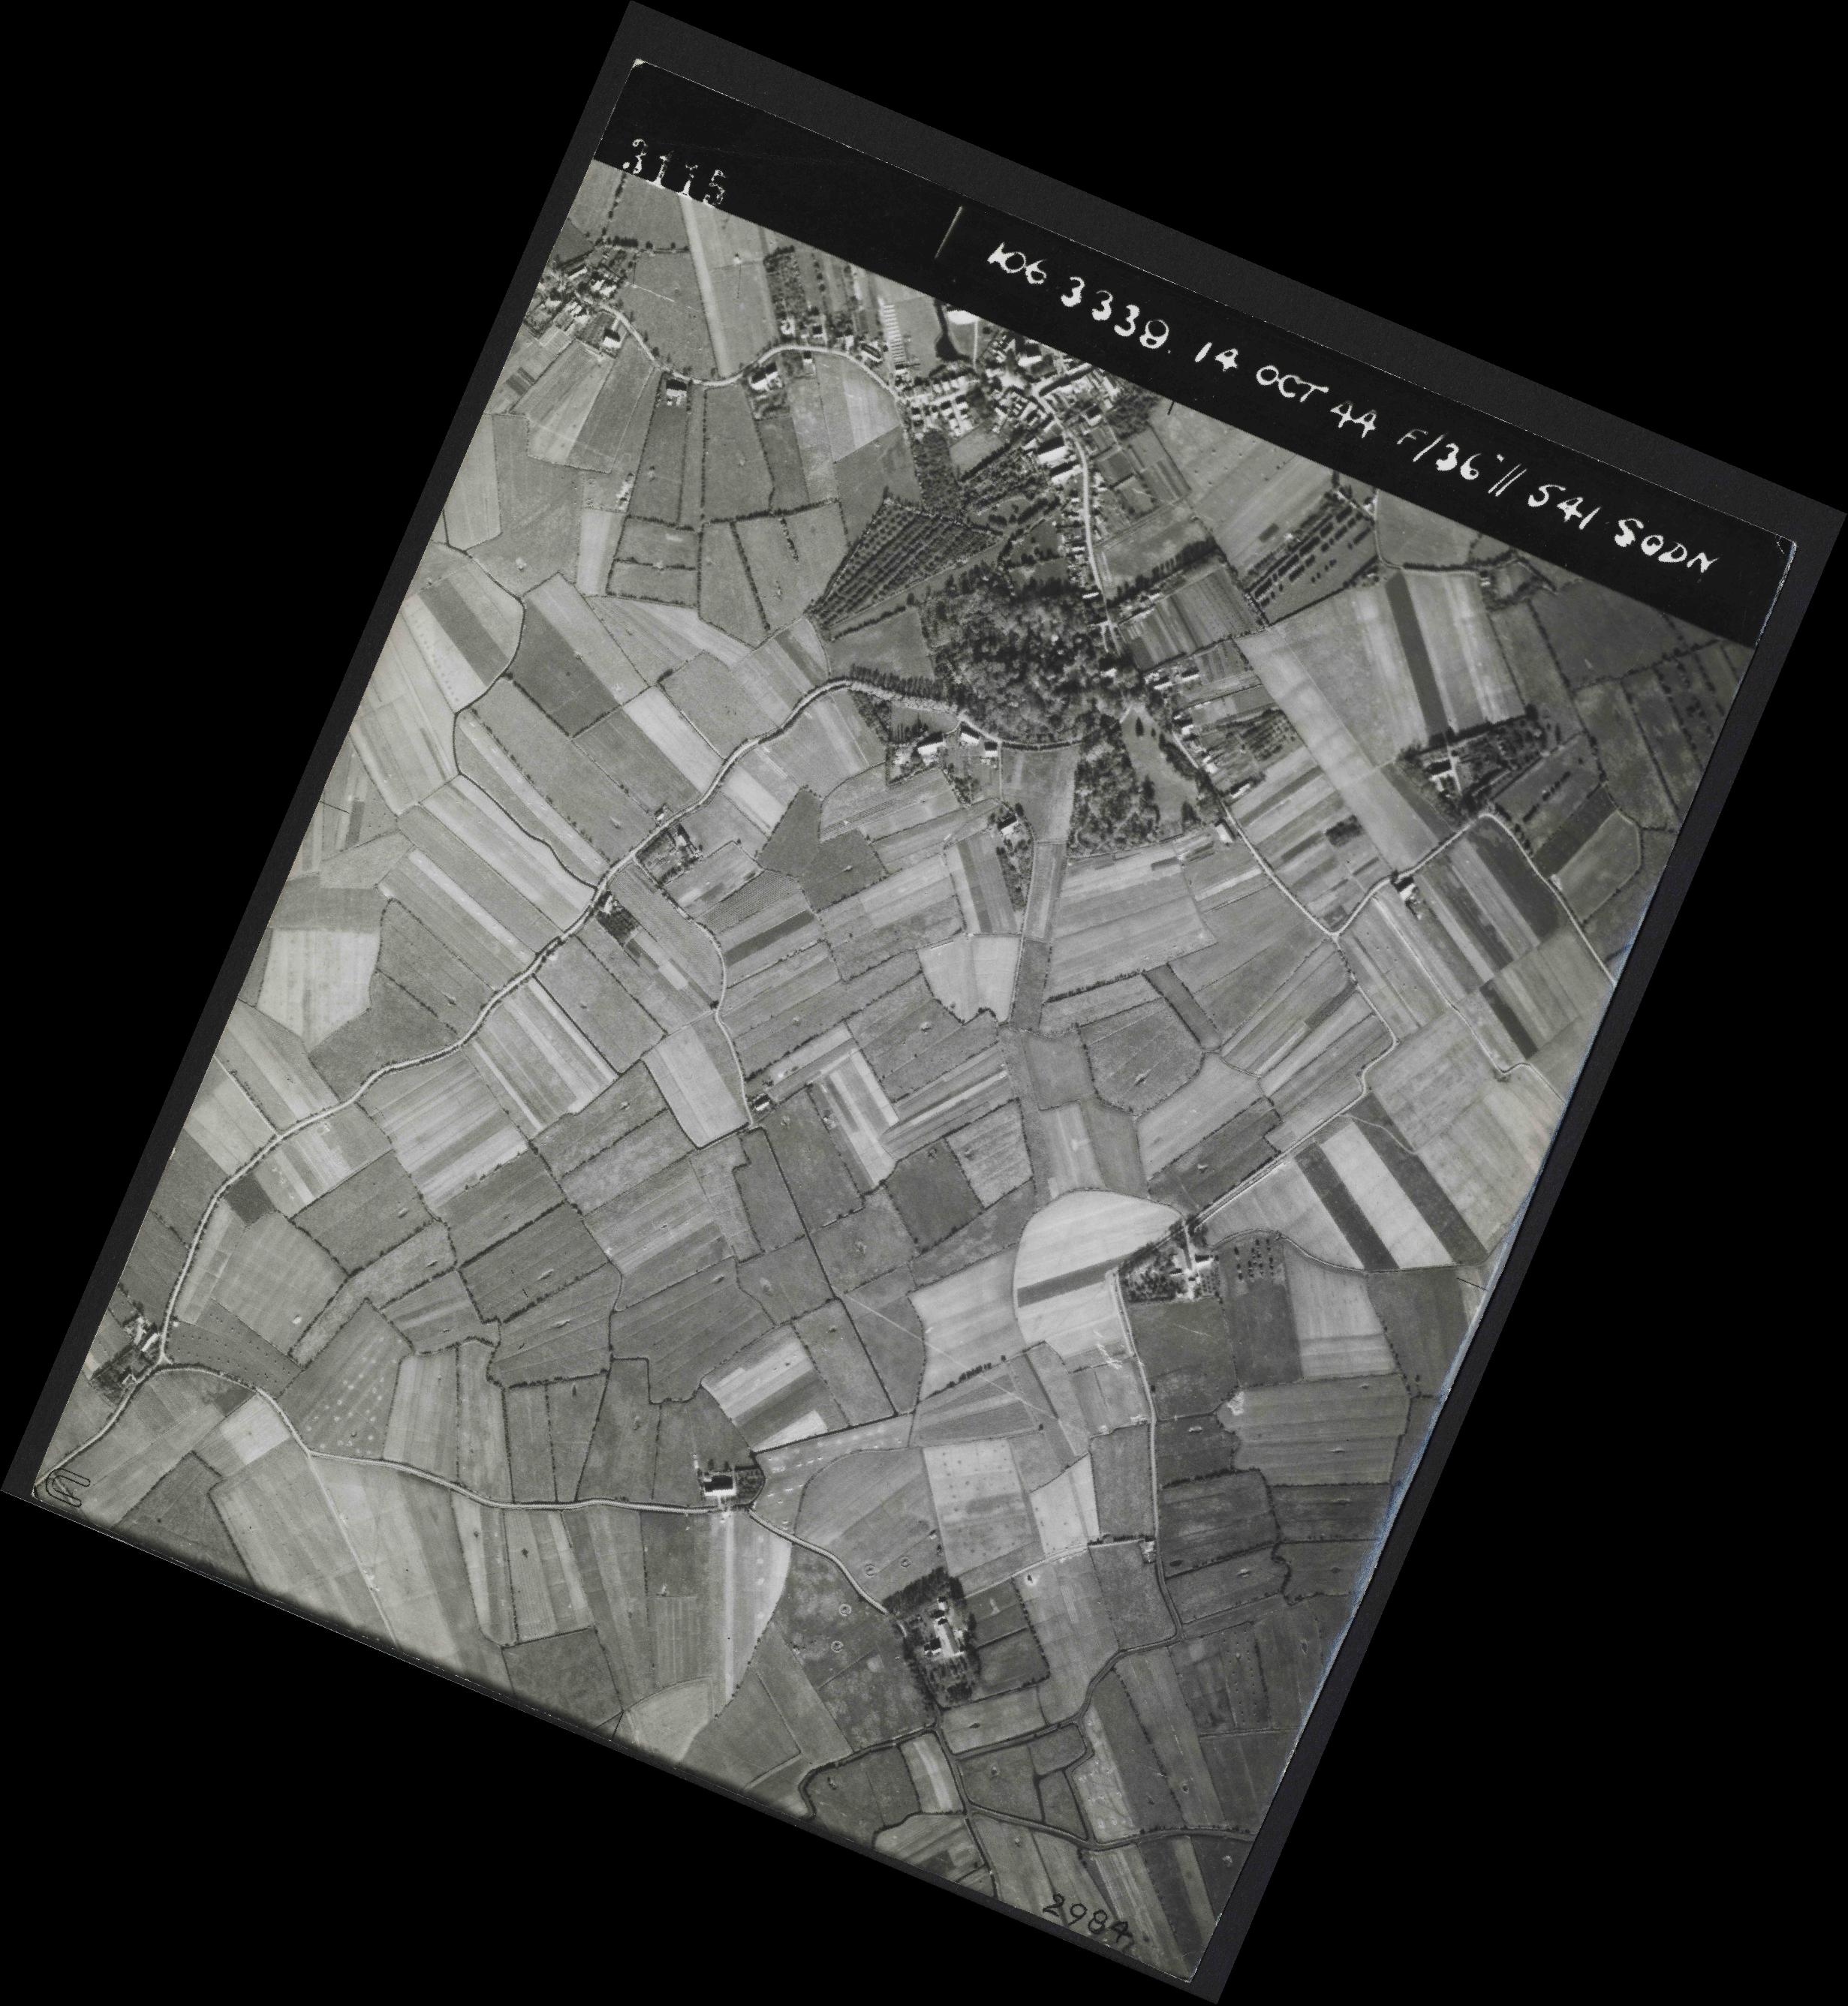 Collection RAF aerial photos 1940-1945 - flight 042, run 04, photo 3115